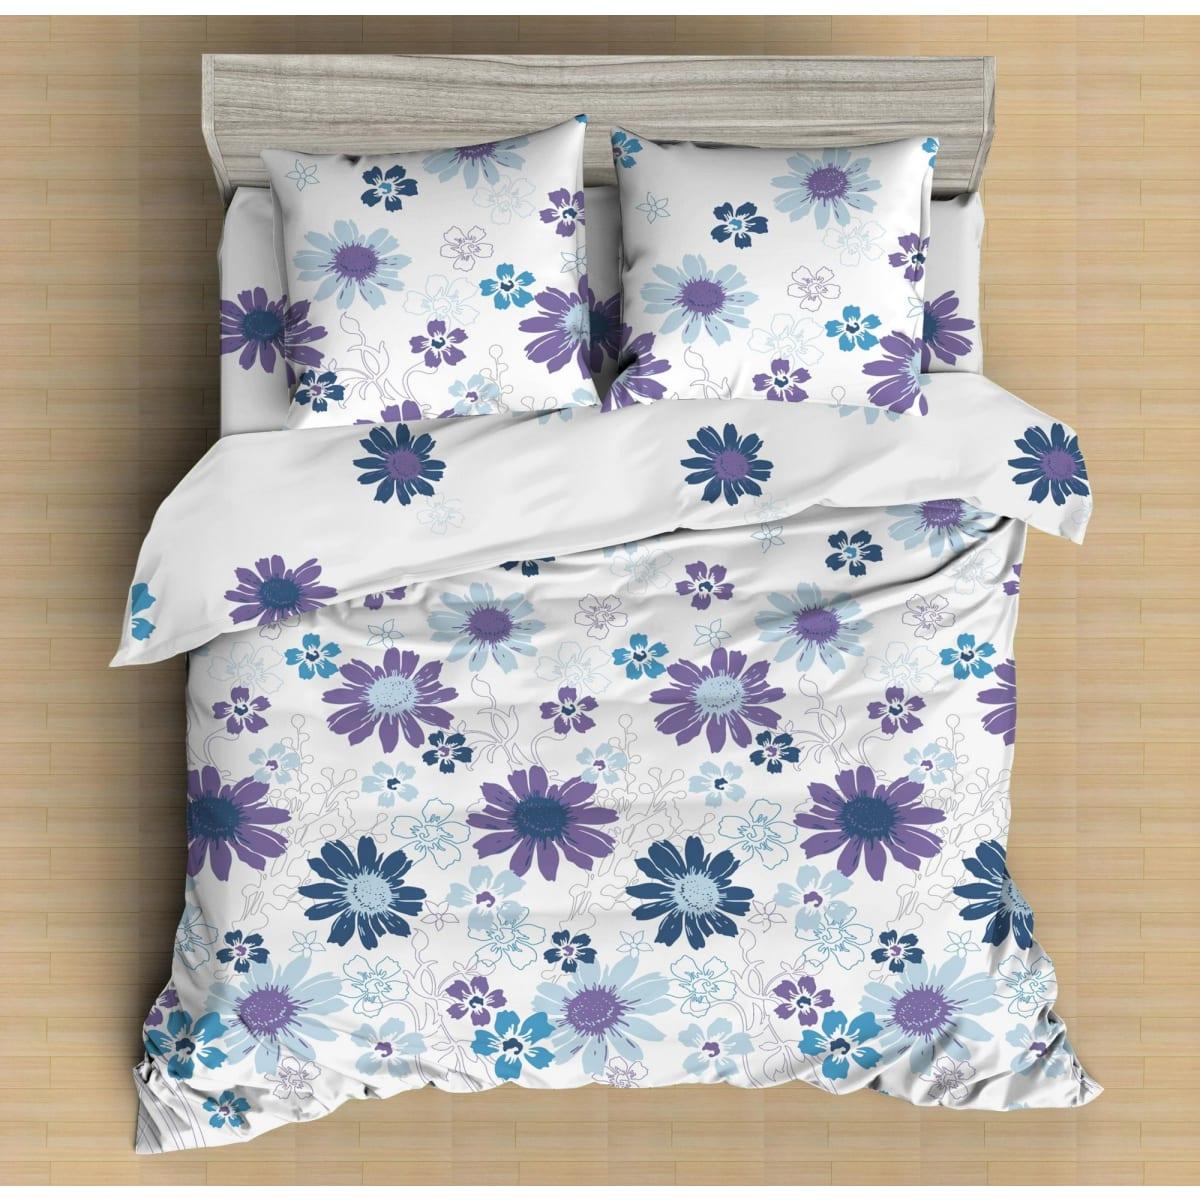 Комплект постельного белья двуспальный Amore Mio Charm 17057, микрофибра